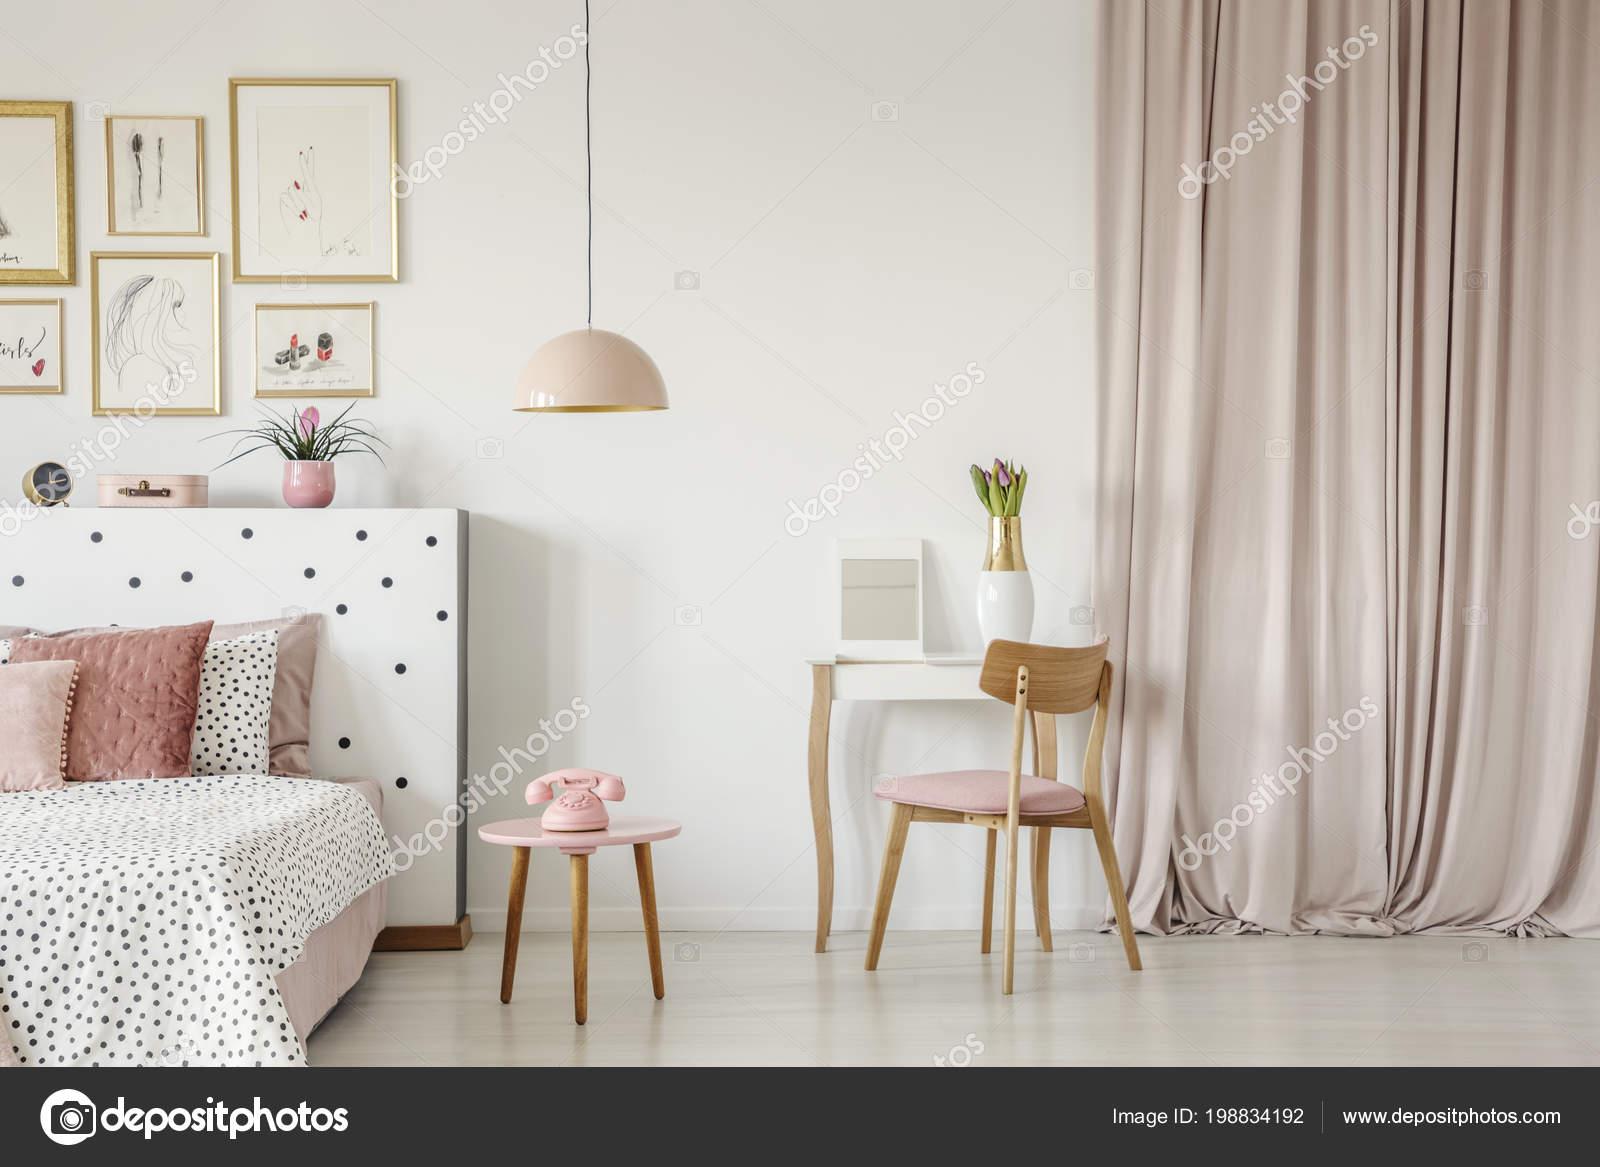 Incroyable Chaise Bois Table Vinaigrette Intérieur Chambre Rose Pastel Avec Téléphoneu2013  Images De Stock Libres De Droits